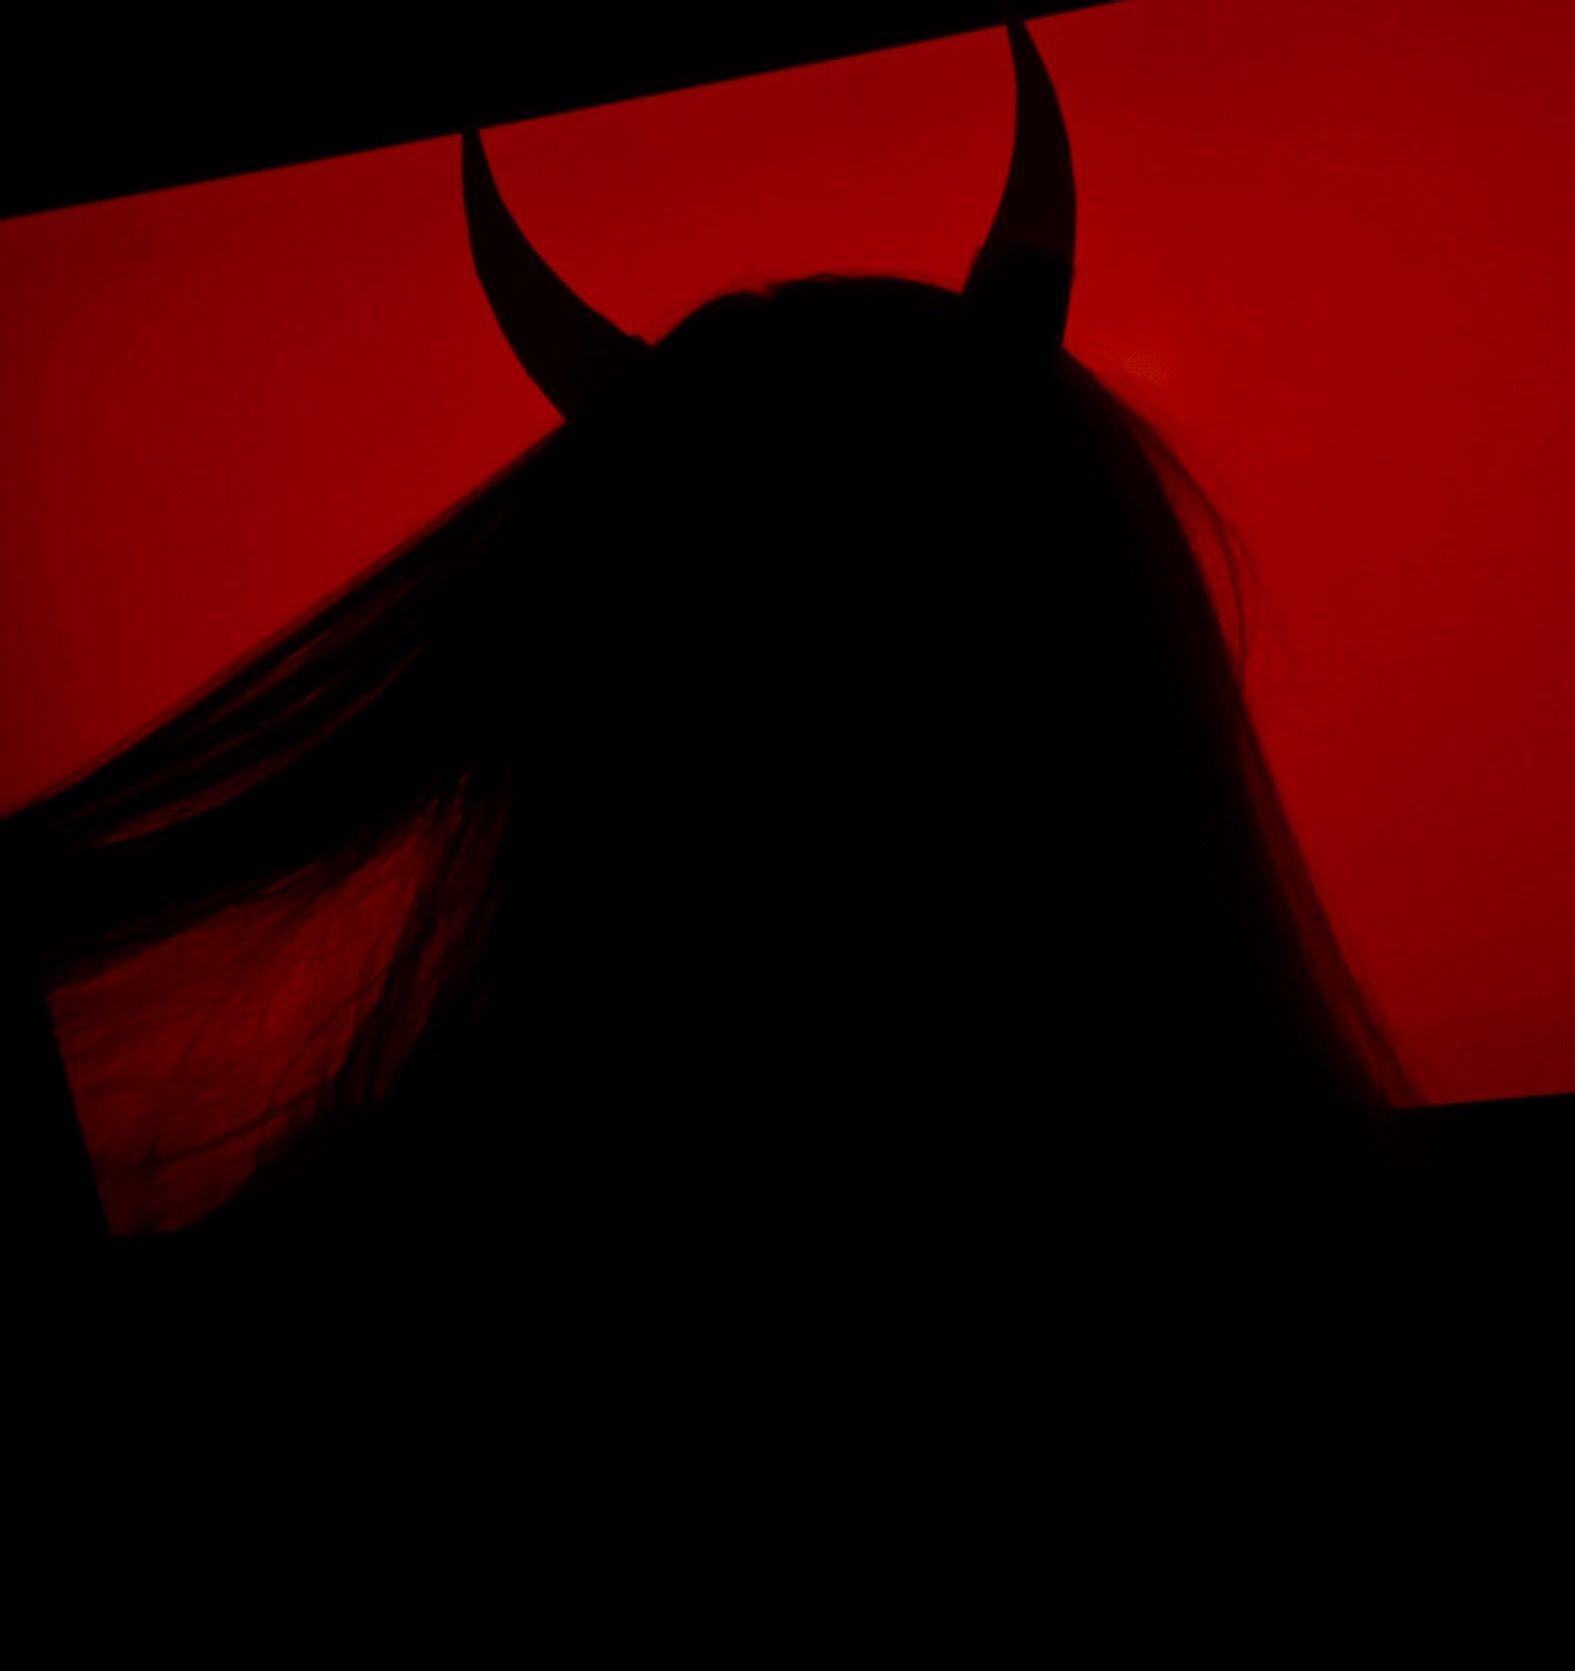 Neon Red Aesthetic Wallpaper Devil Demon Aesthetic Wallpapers Top Free Demon Aesthetic Backgrounds Wallpaperaccess demon aesthetic wallpapers top free